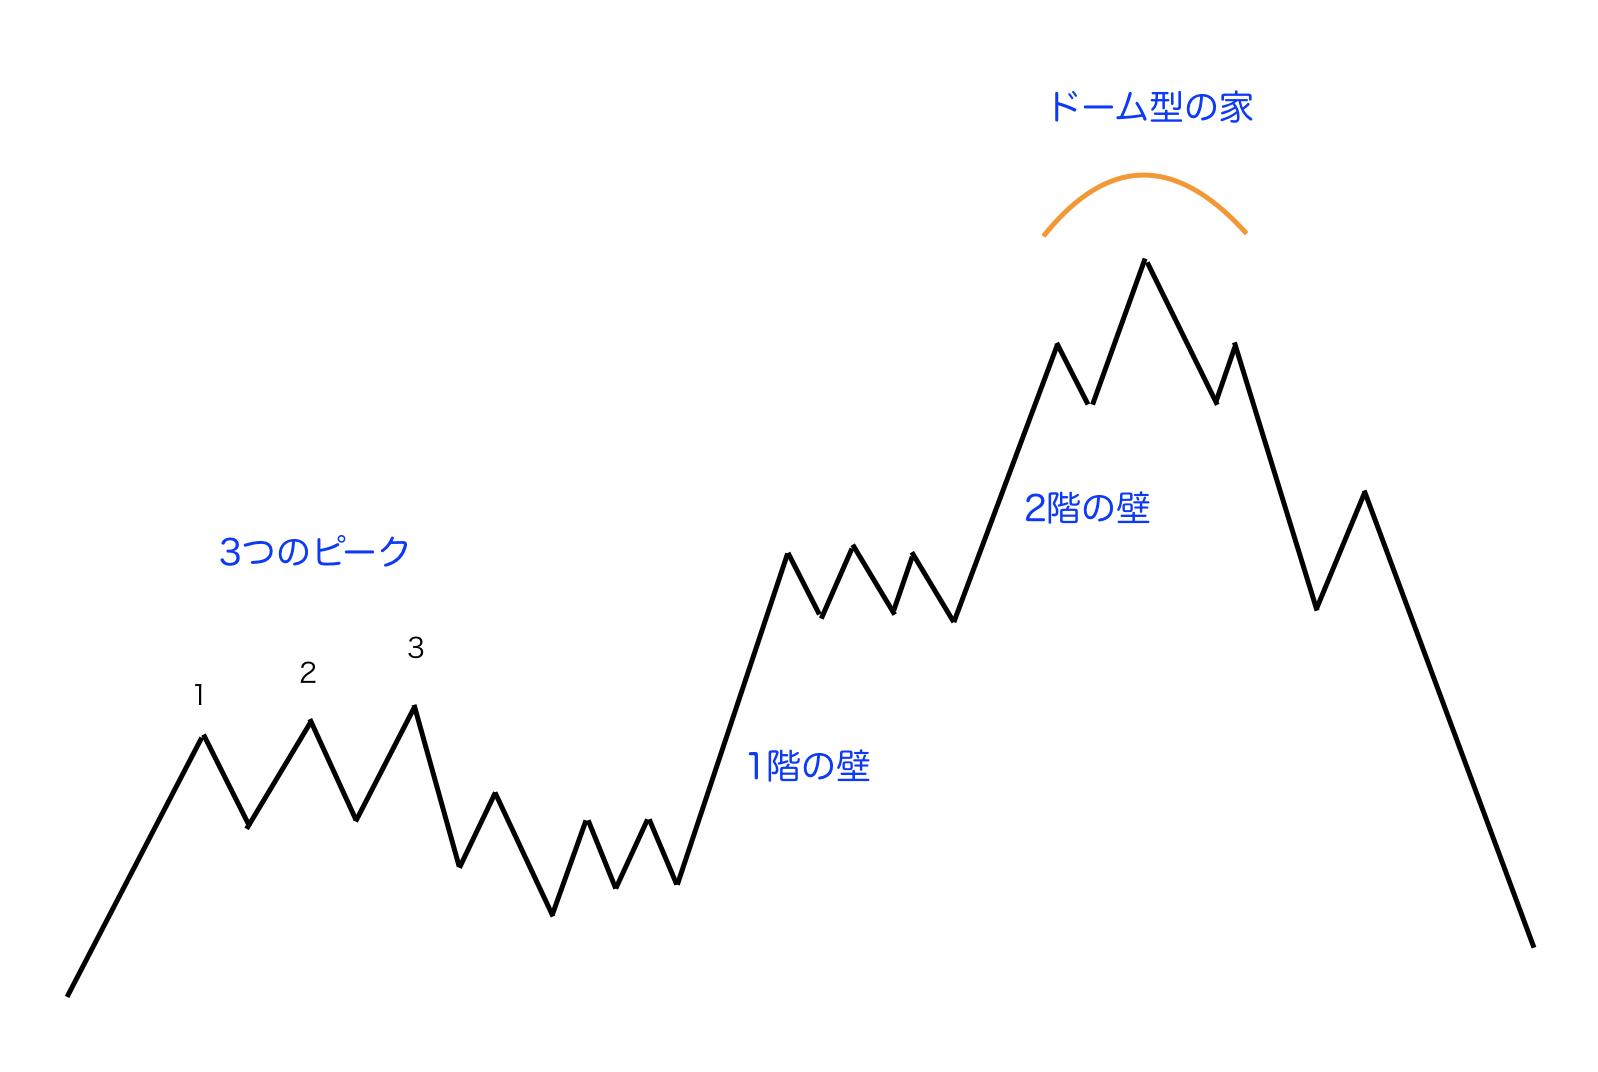 相場の黄金ルール-3つのピークとドーム型の家のイメージ